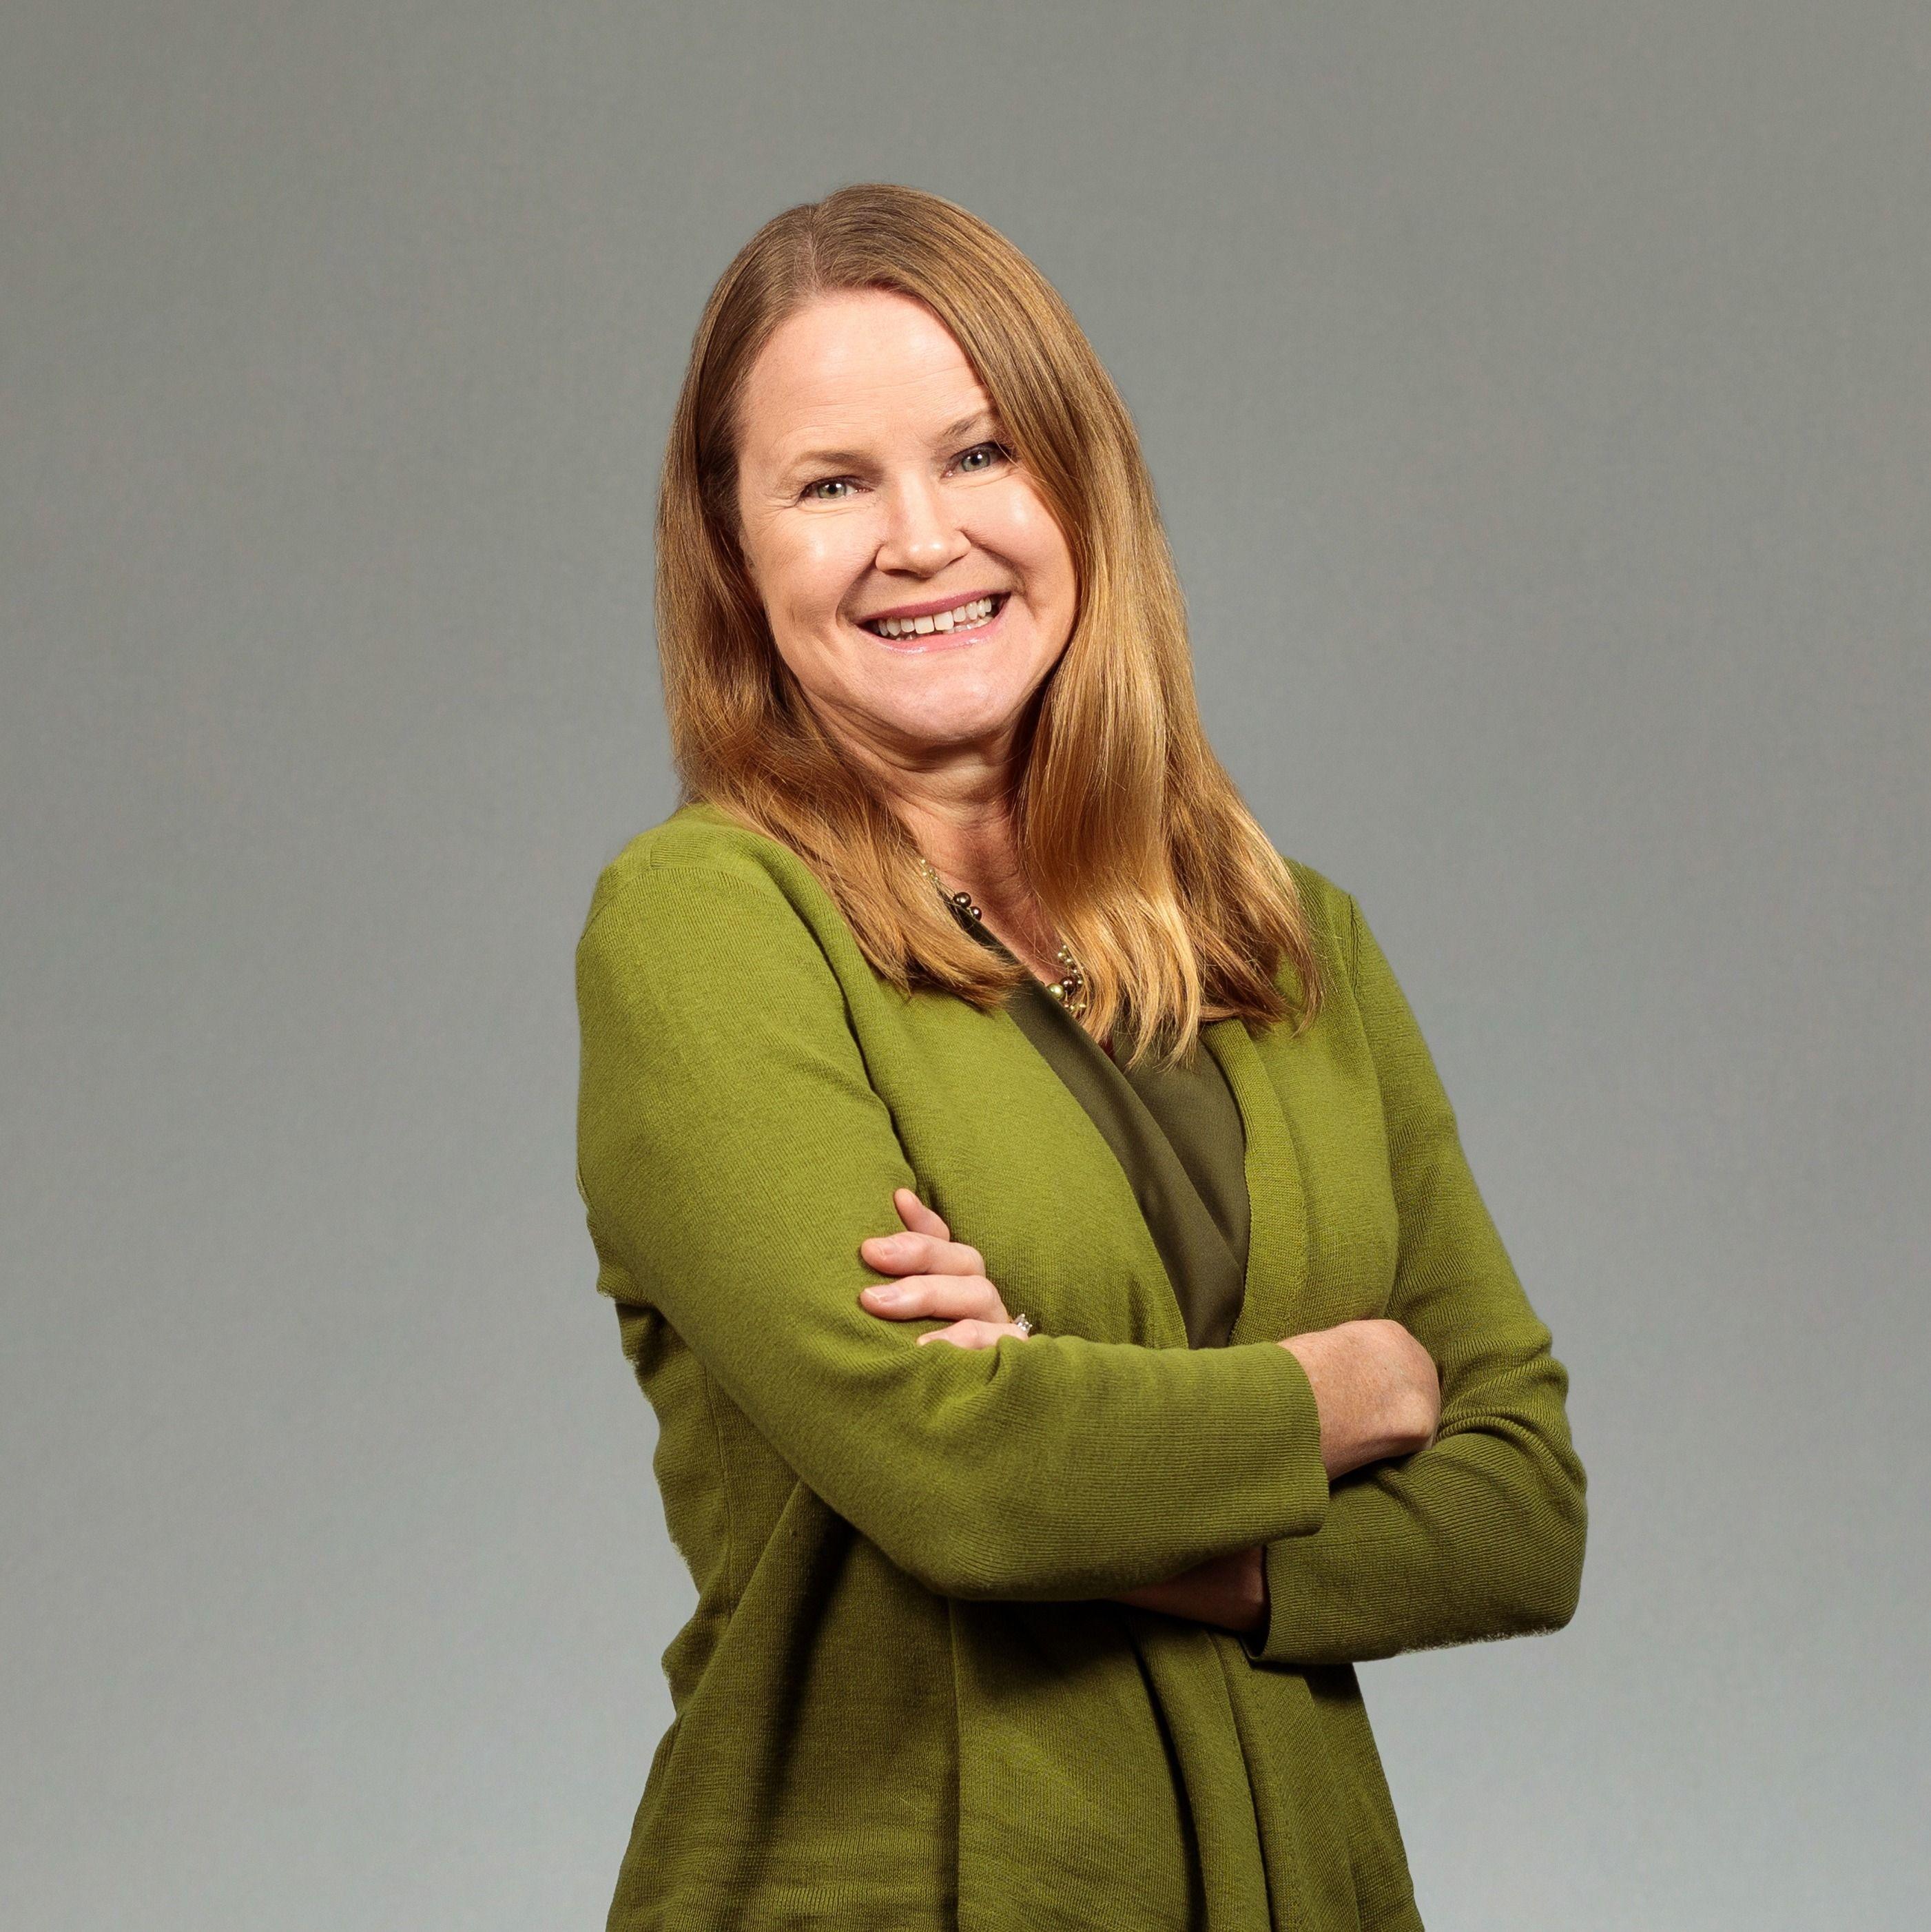 Ann Saucer